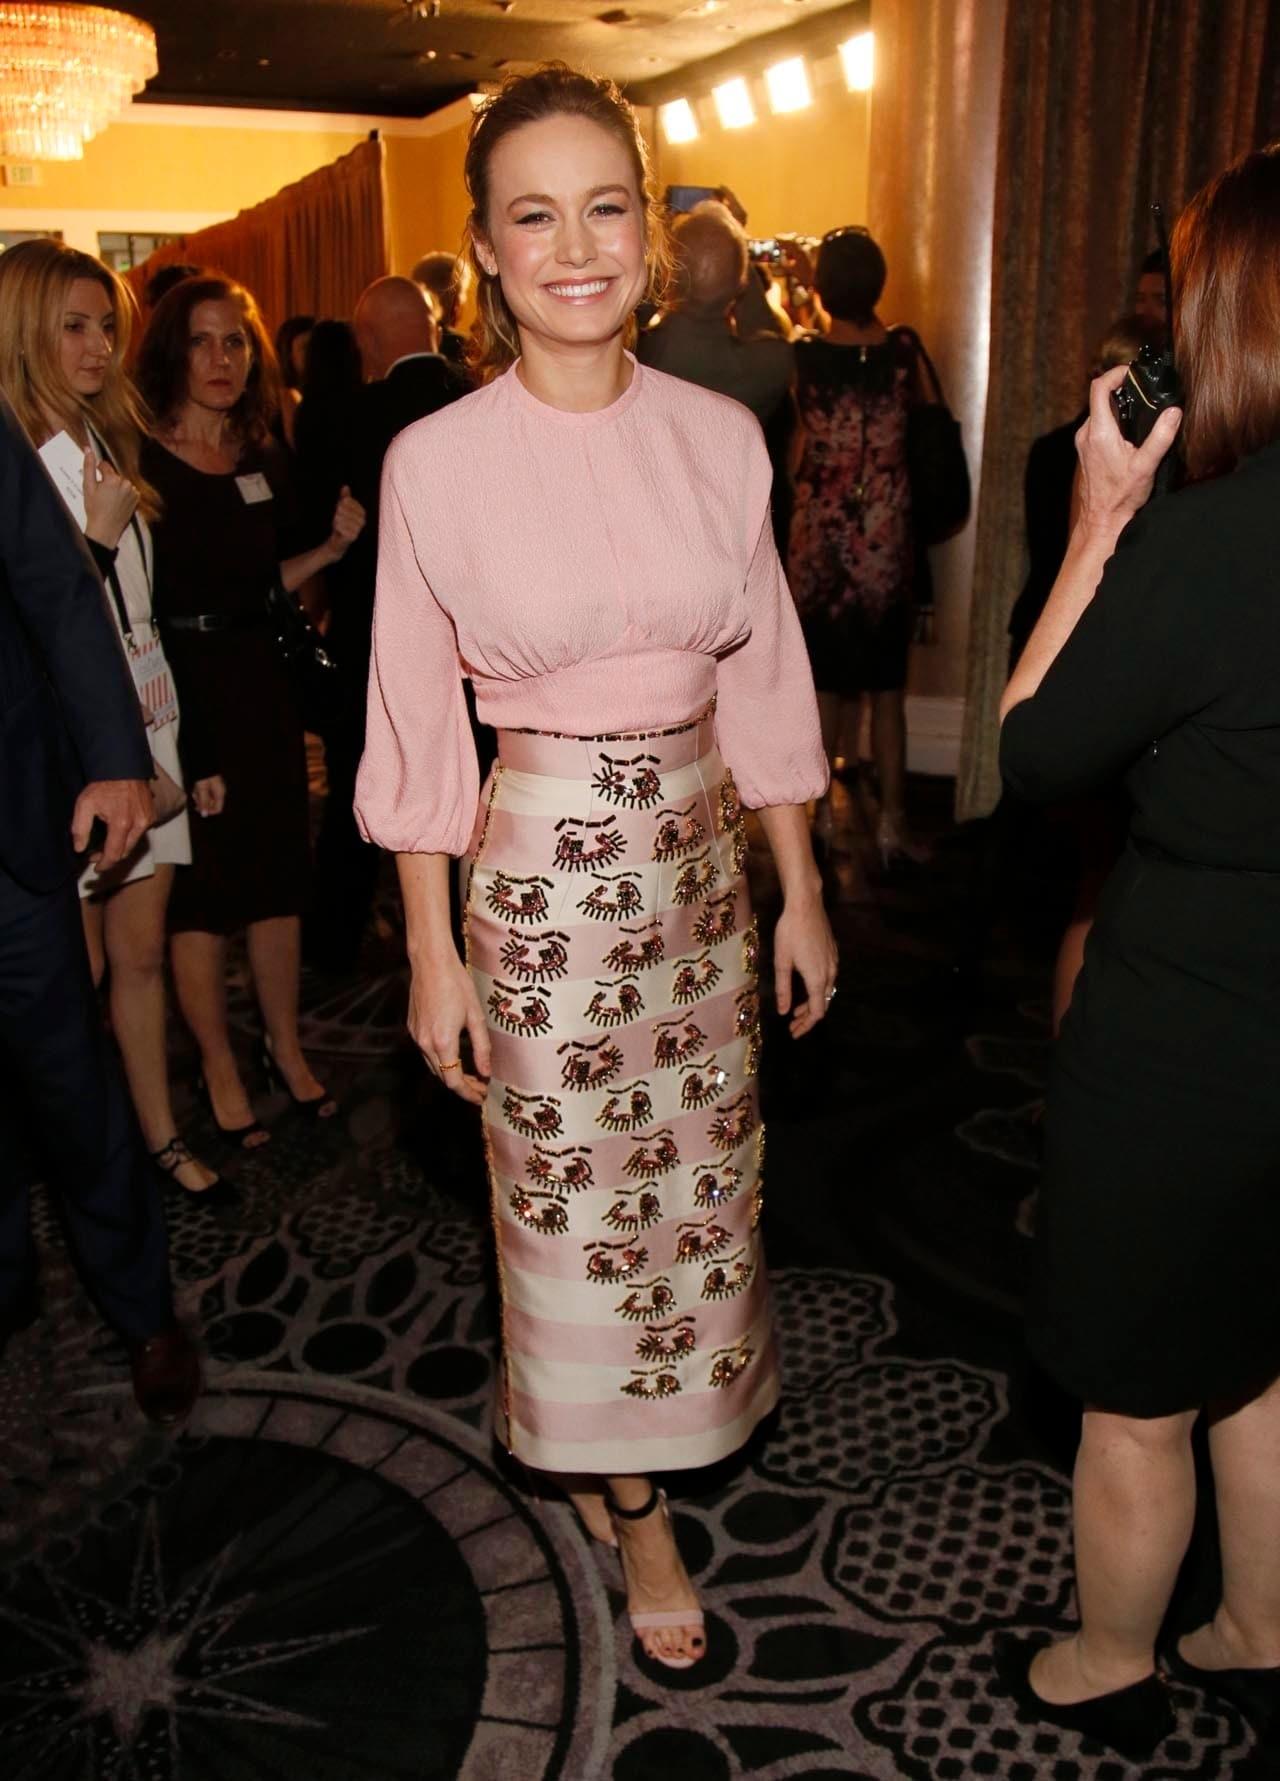 10 best dressed: Brie Larson wins the week